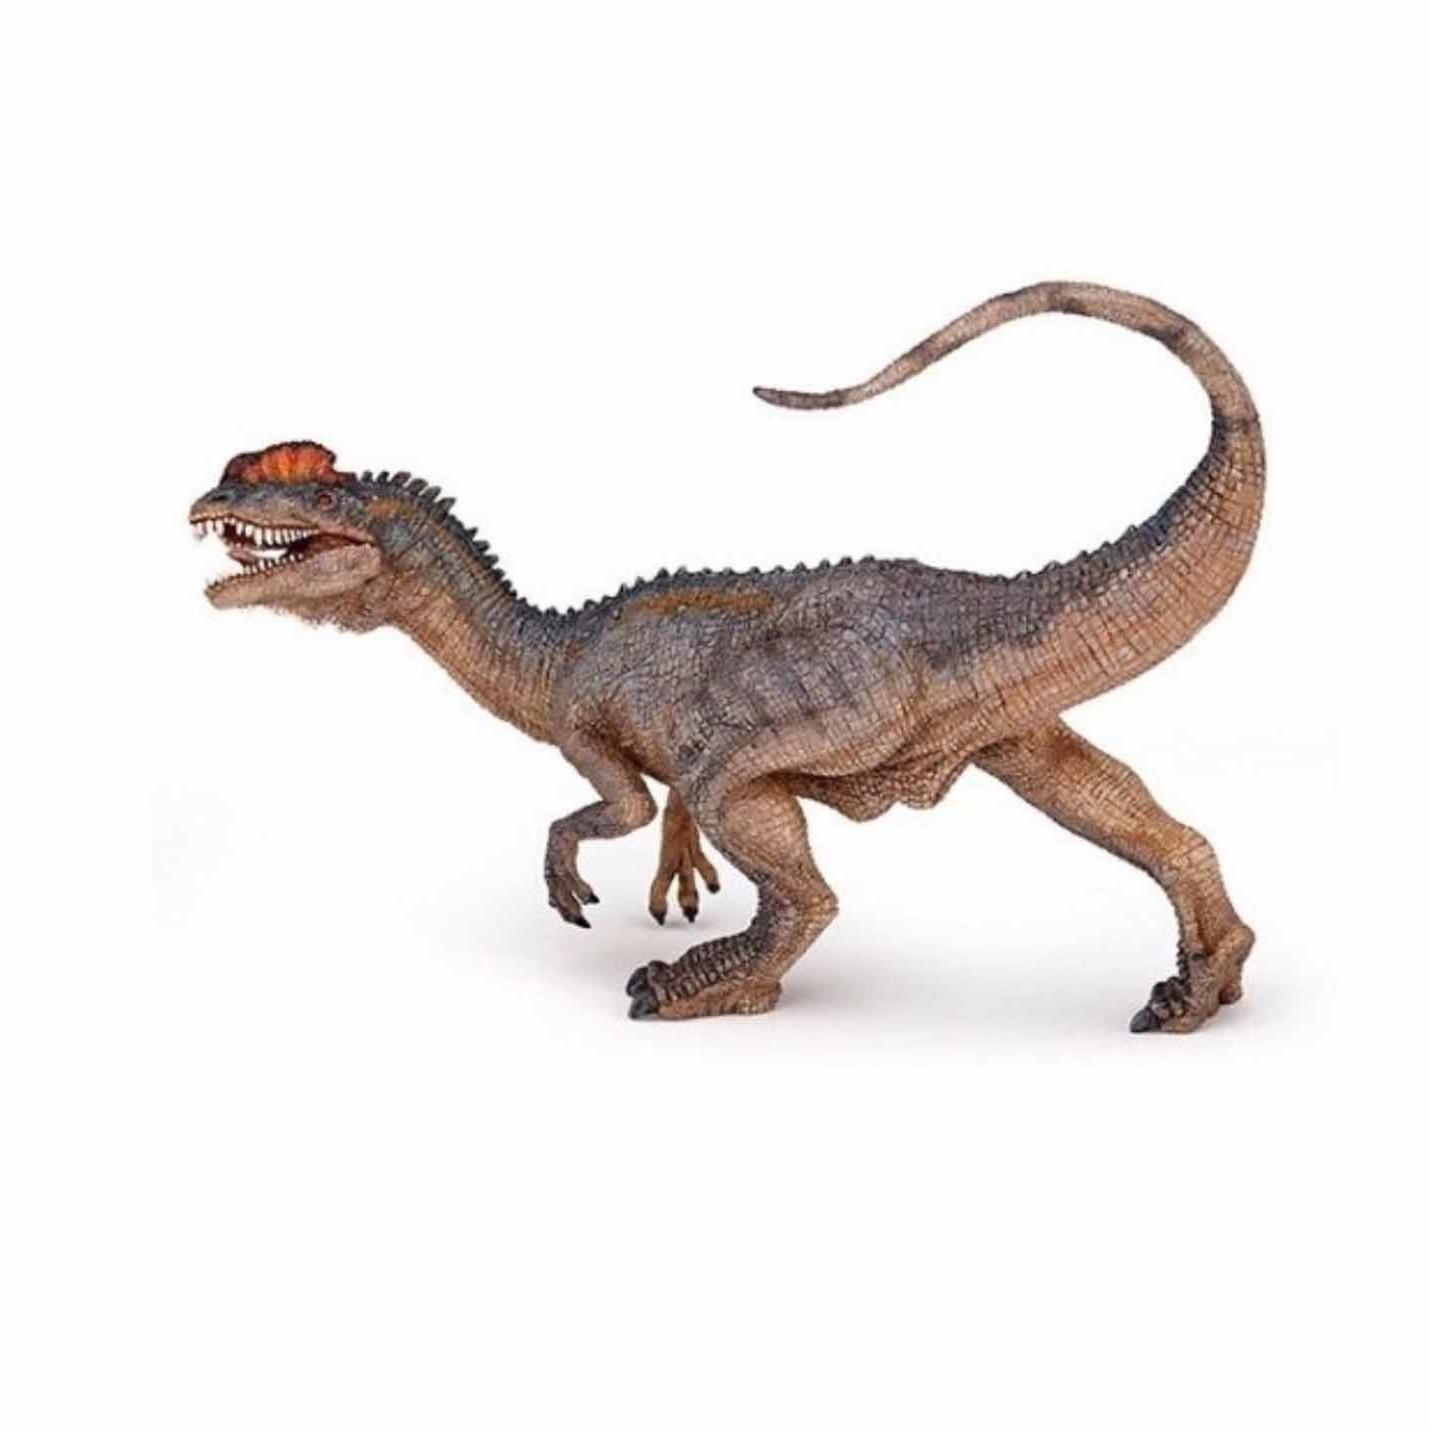 Plastic speelfiguur dilophosaurus dinosaurus 4,5 cm